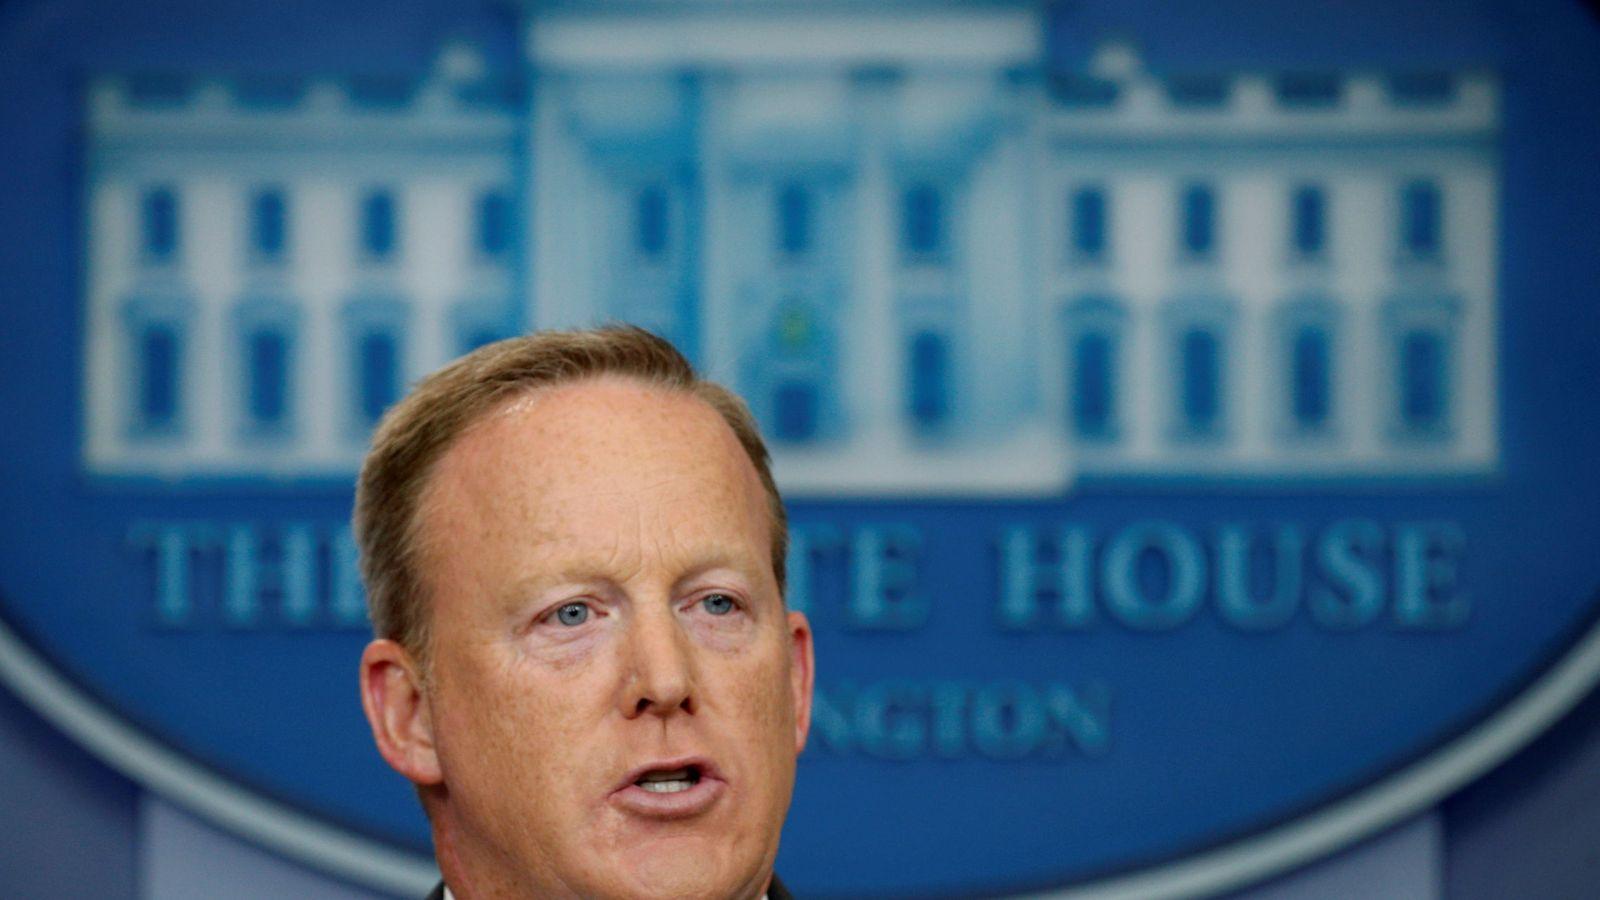 Foto: Sean Spicer, durante una rueda de prensa en la Casa Blanca, el pasado 17 de julio de 2017. (Reuters)